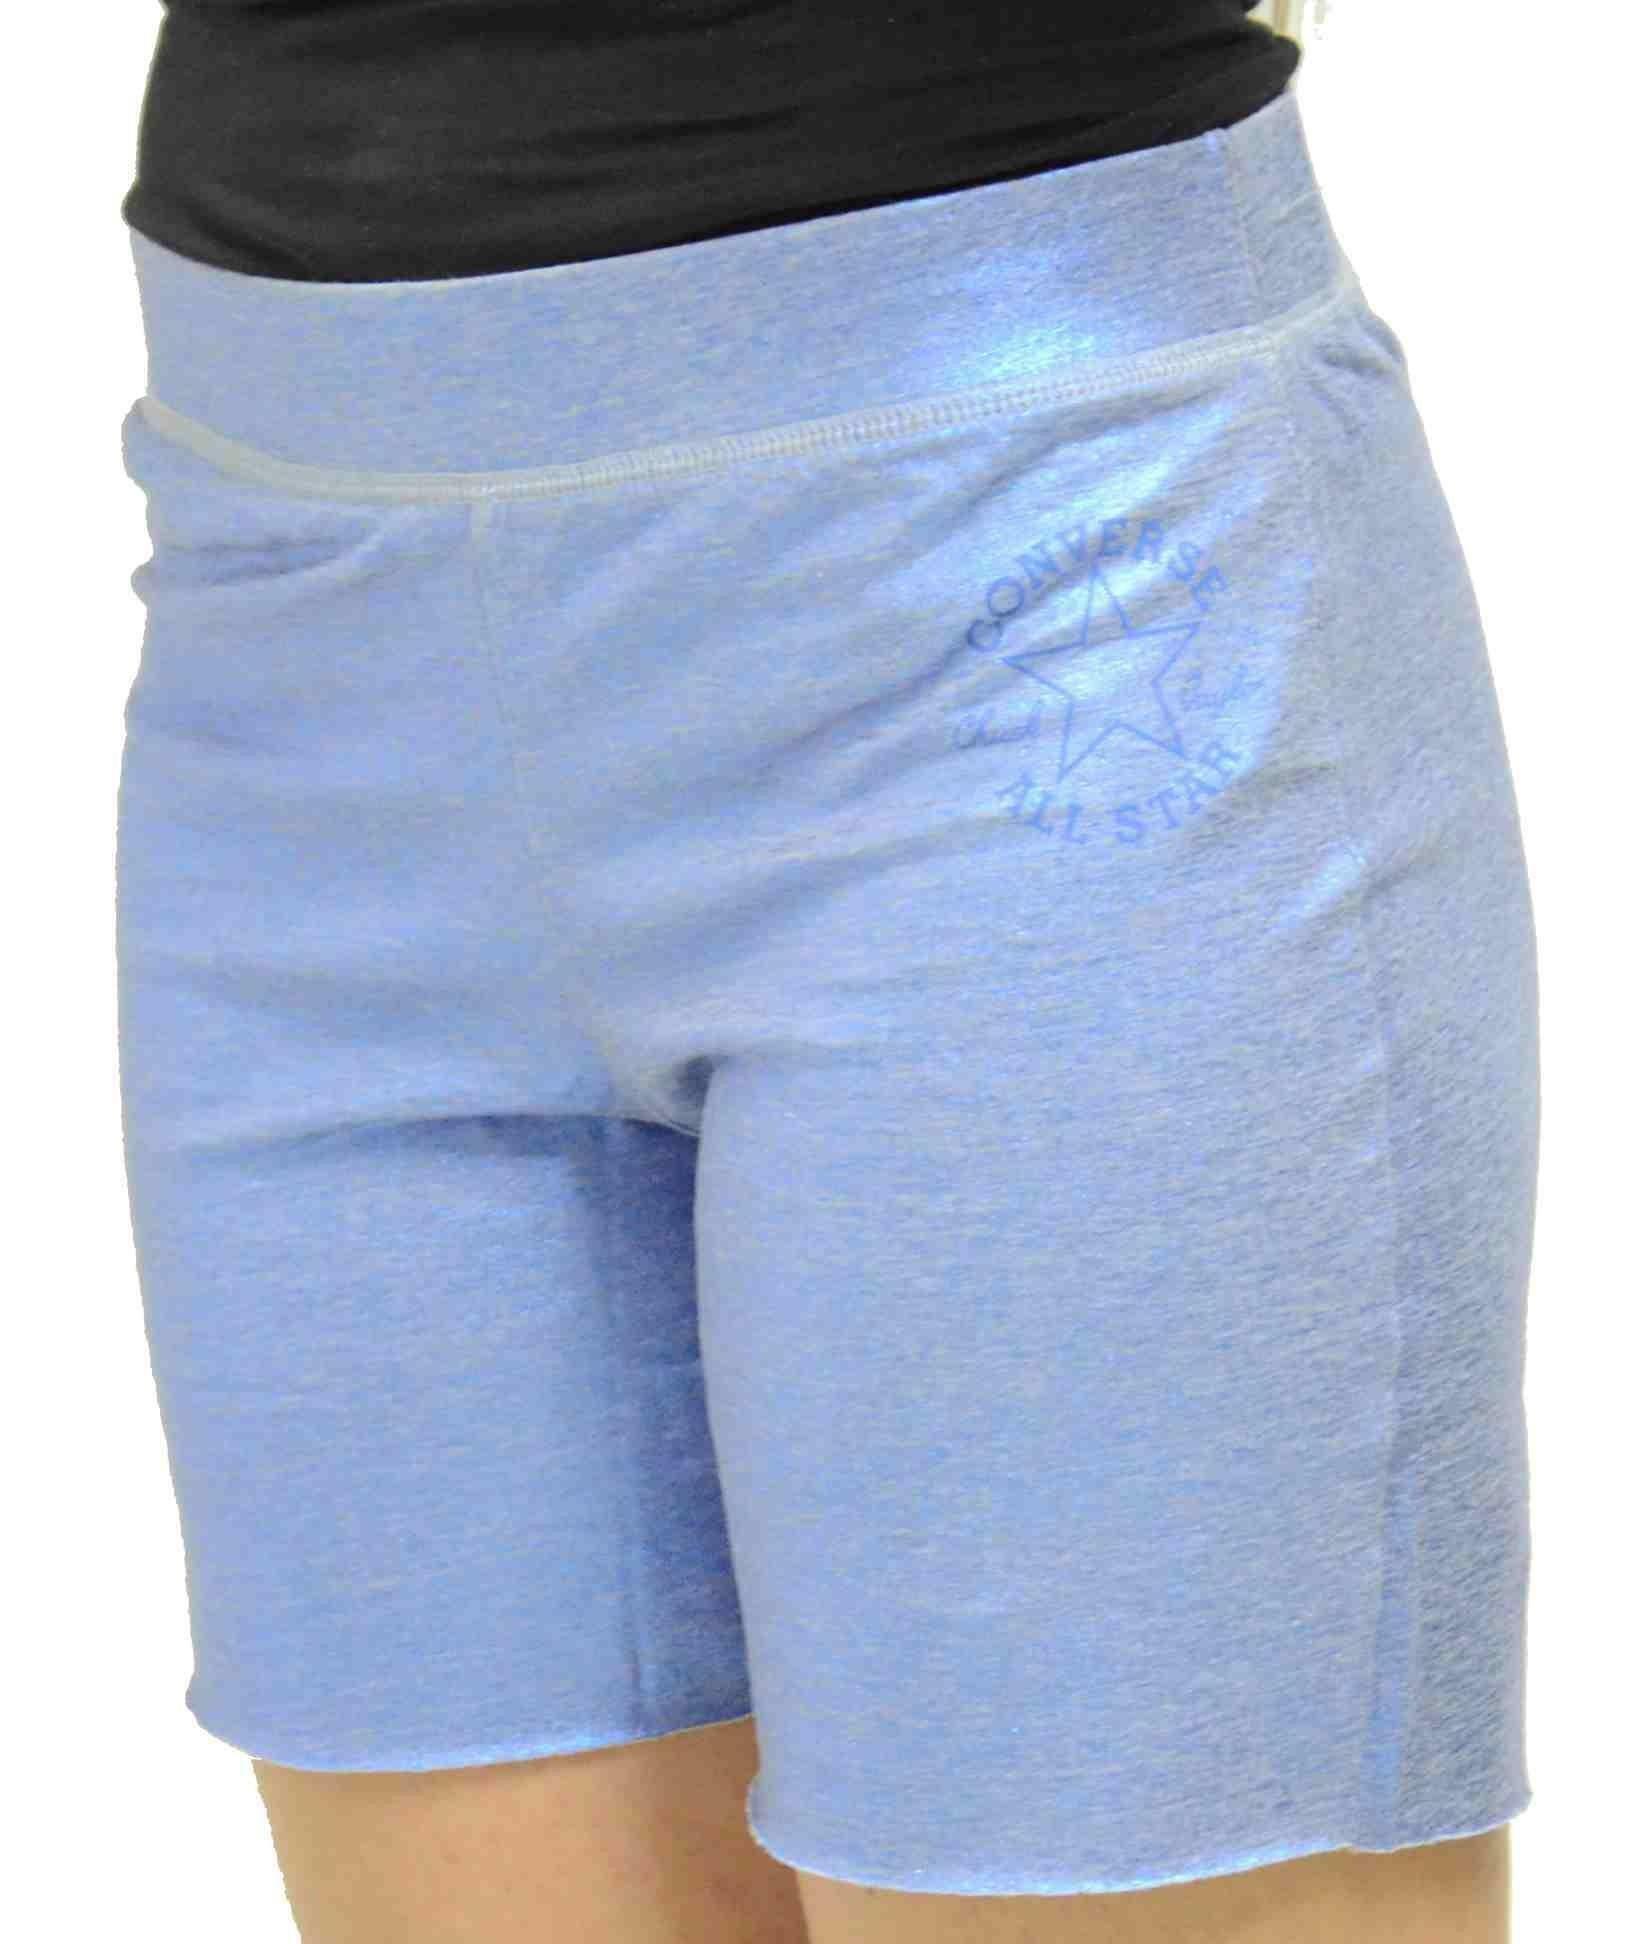 converse short raw cut pantaloncini donna metallici